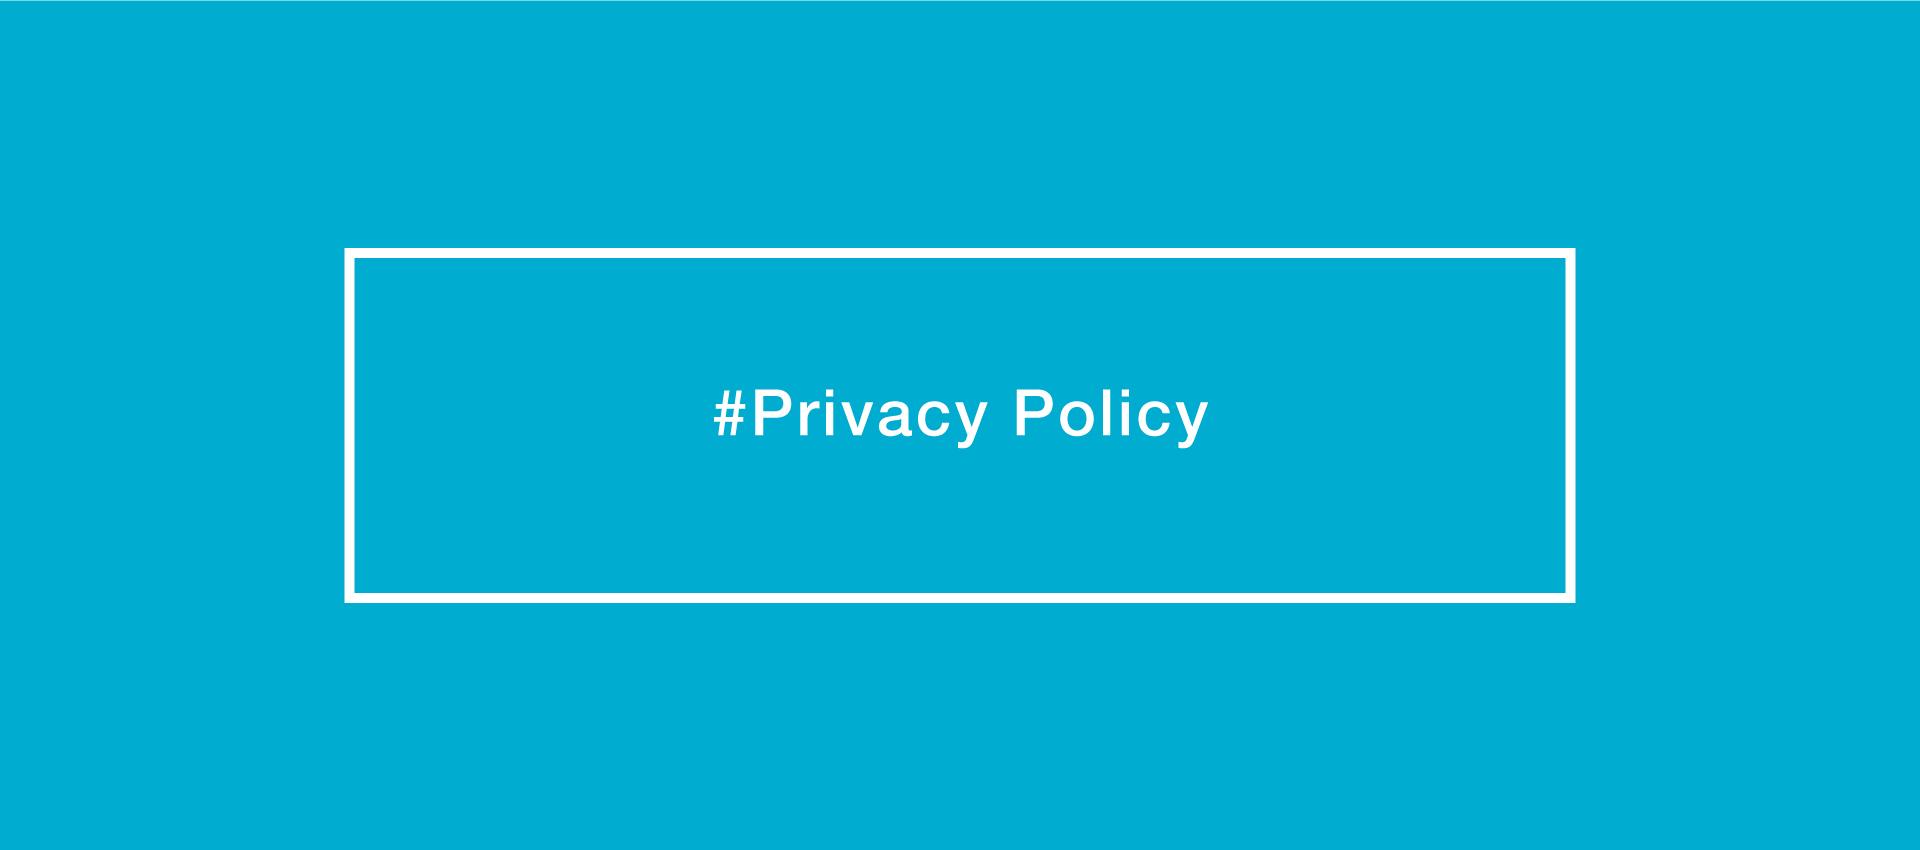 Trattoria-Alla-Buona-Vite-Privacy